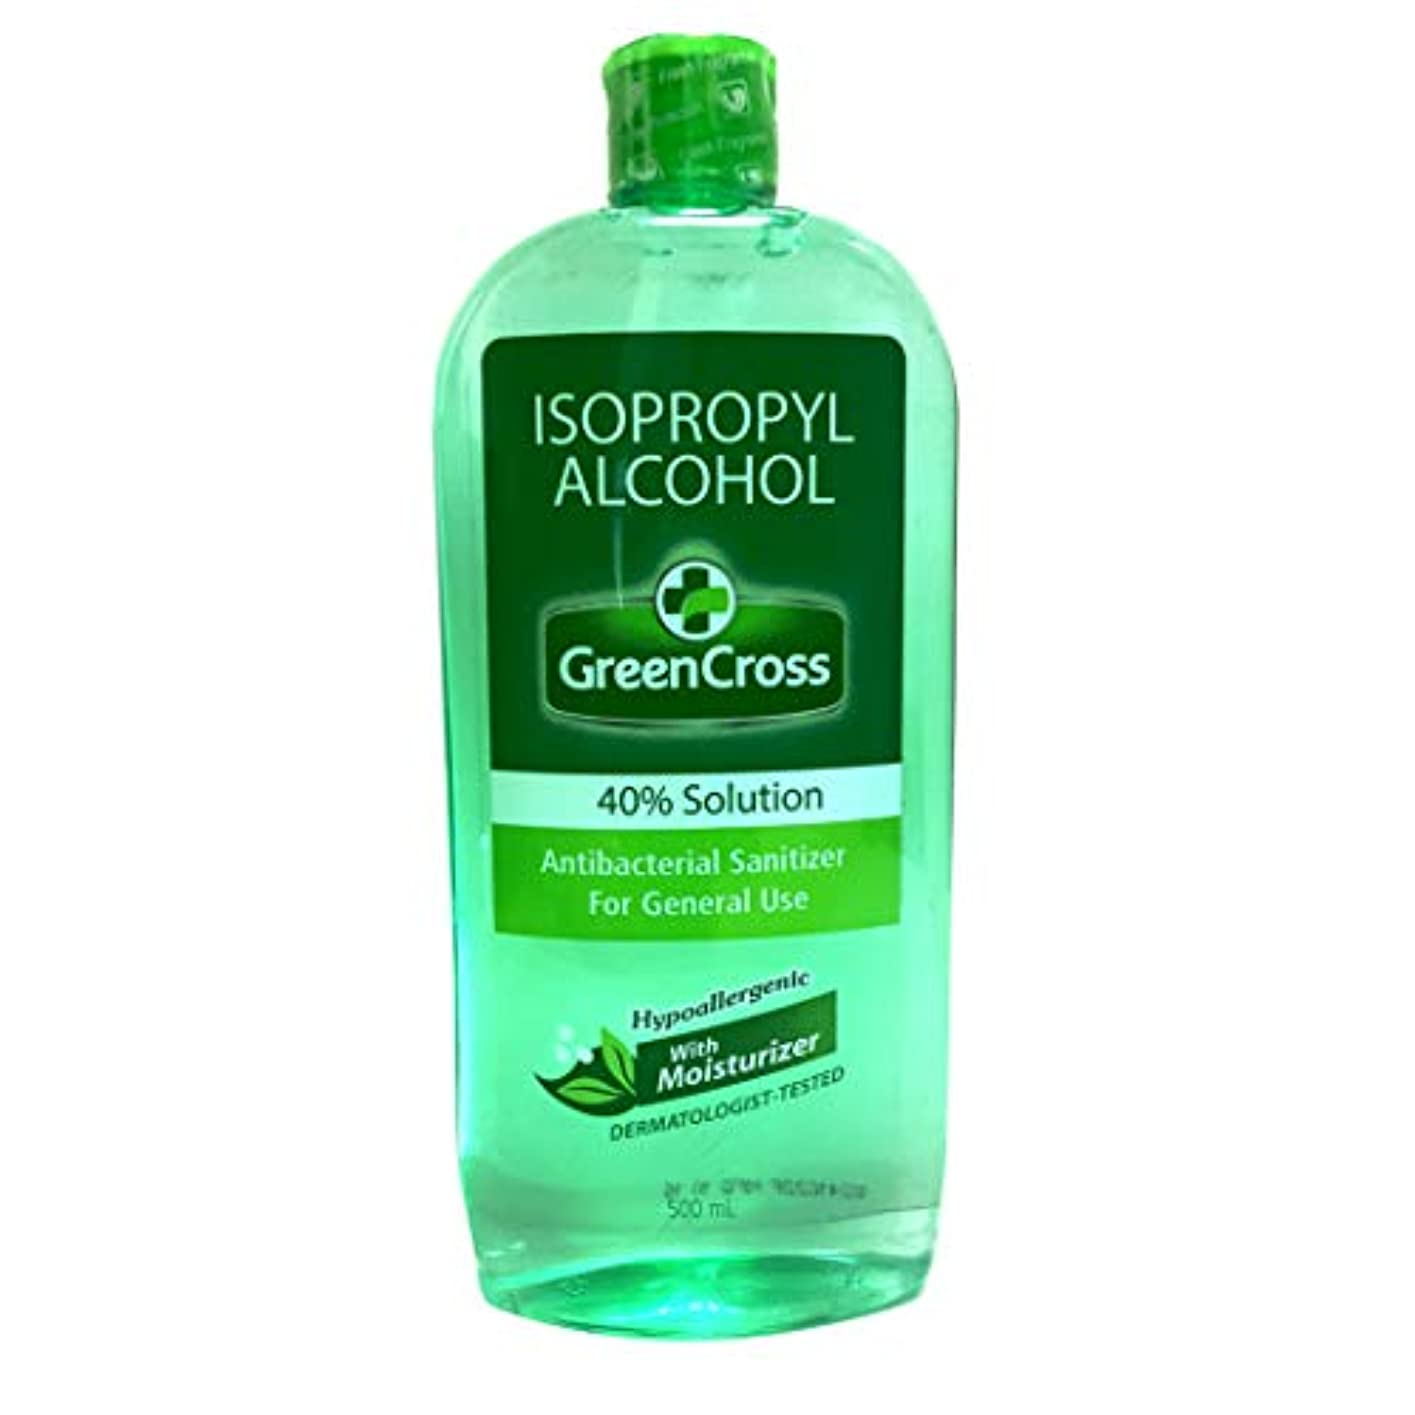 アレルギー性独裁者負GREEN CROSS with Moisturizer Rubbing  ALCOHOL 40% 500ml グリーンクロス ウィズ モイスチャー 手洗い用 アルコール